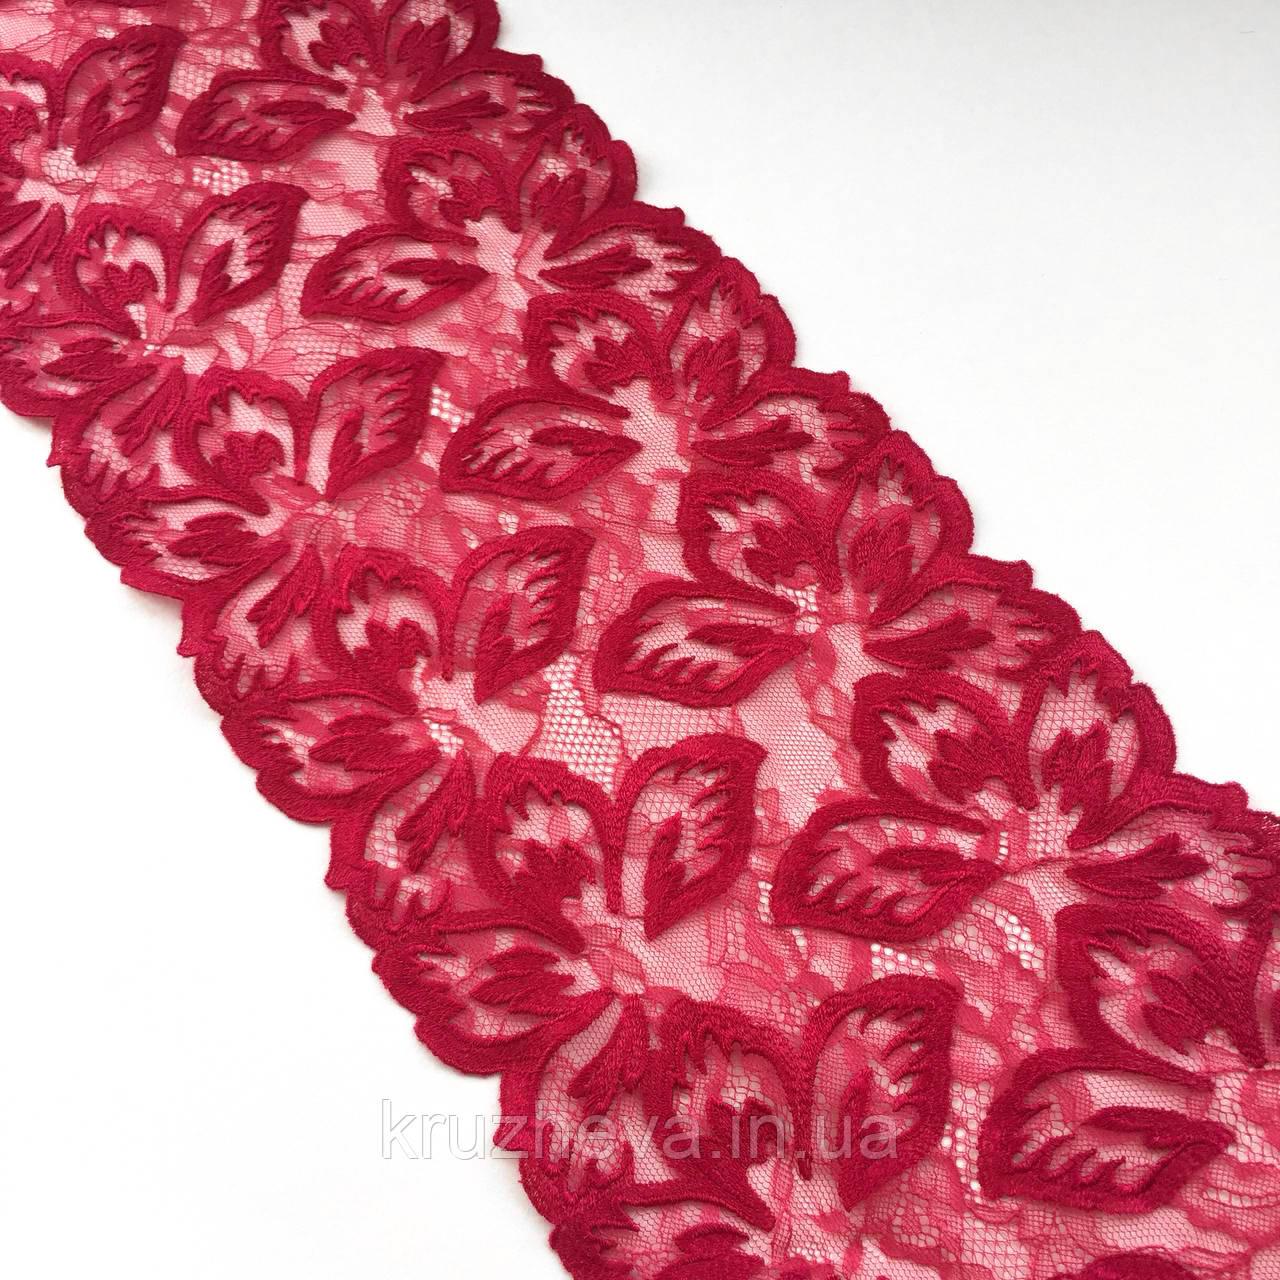 Ажурне мереживо, вишивка на сітці: малинового кольору нитку по сітці малинового відтінку, ширина: 20.5 см